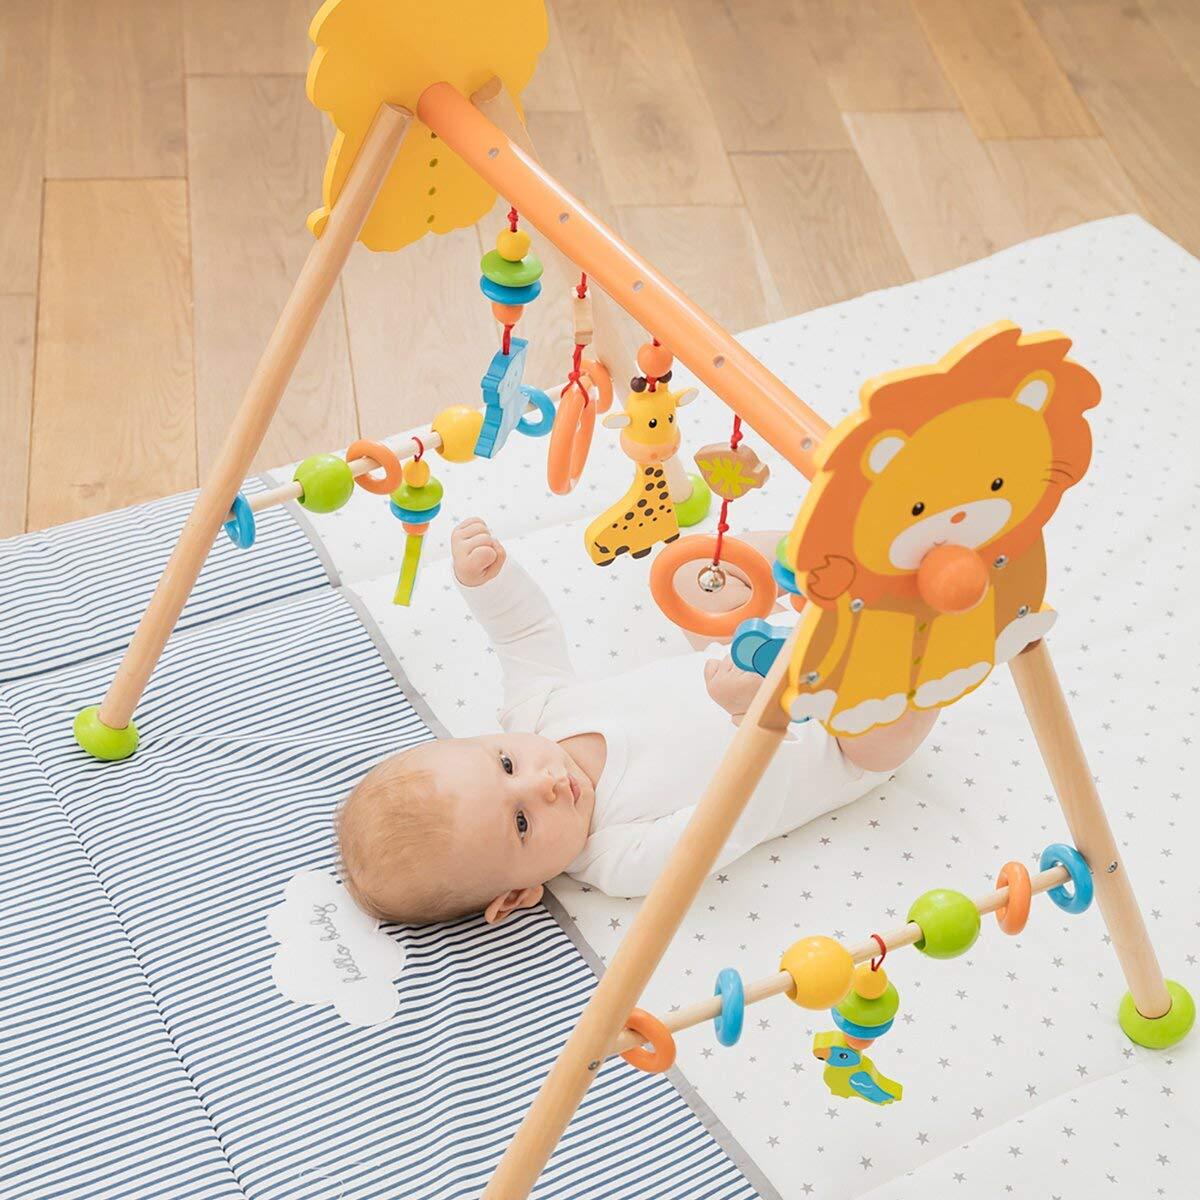 bunt//Natur h/öhenverstellbares Holztrapez mit vielen Spielm/öglichkeiten /& Figuren ab Geburt geeignet solini Spieltrapez Dschungel aus Holz